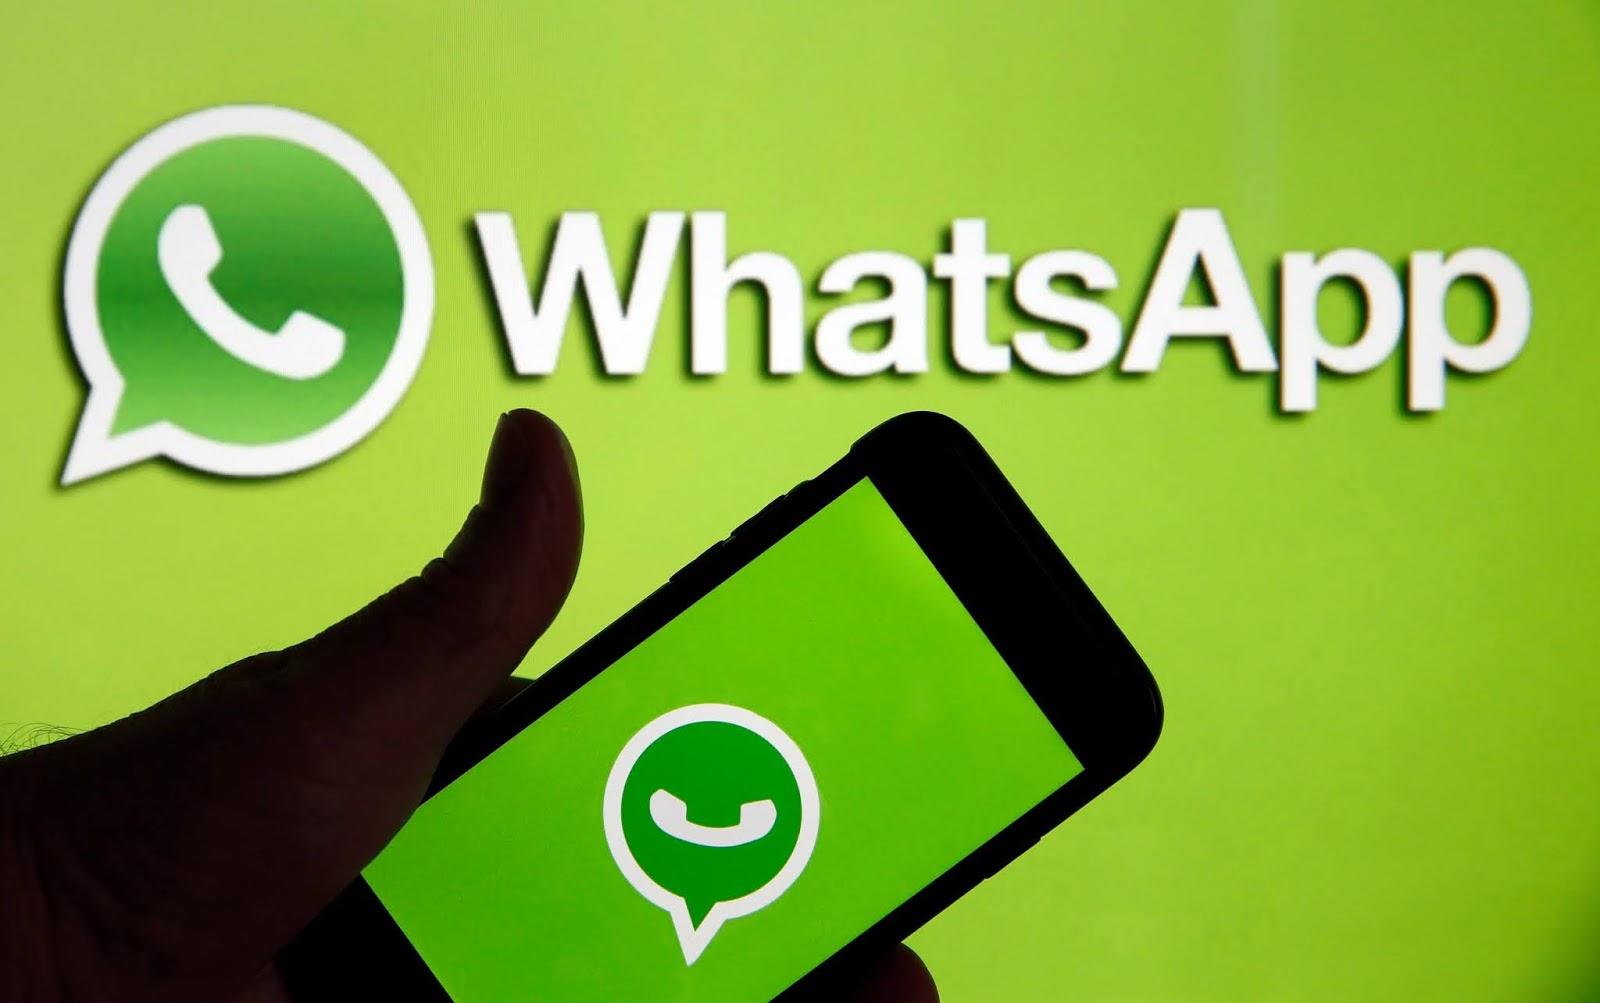 Whatsapp multi device login